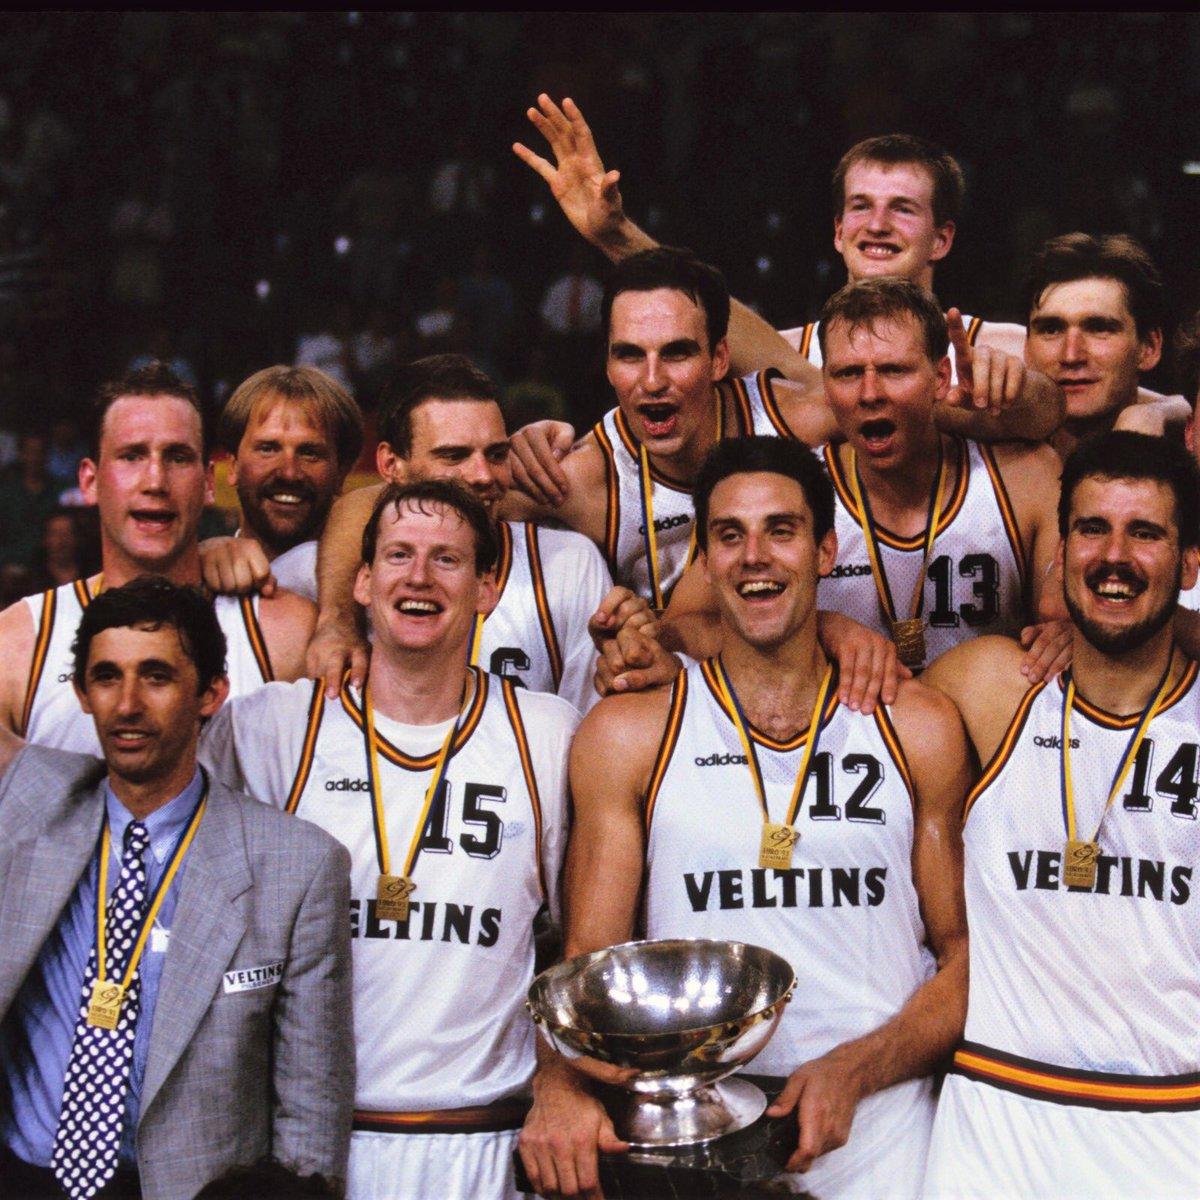 #Throwback ✨ HEUTE vor 27 Jahren holte die Deutsche Nationalmannschaft GOLD bei der Europameisterschaft 1993 im eigenen Land! 🤩😍✨🏆🥇